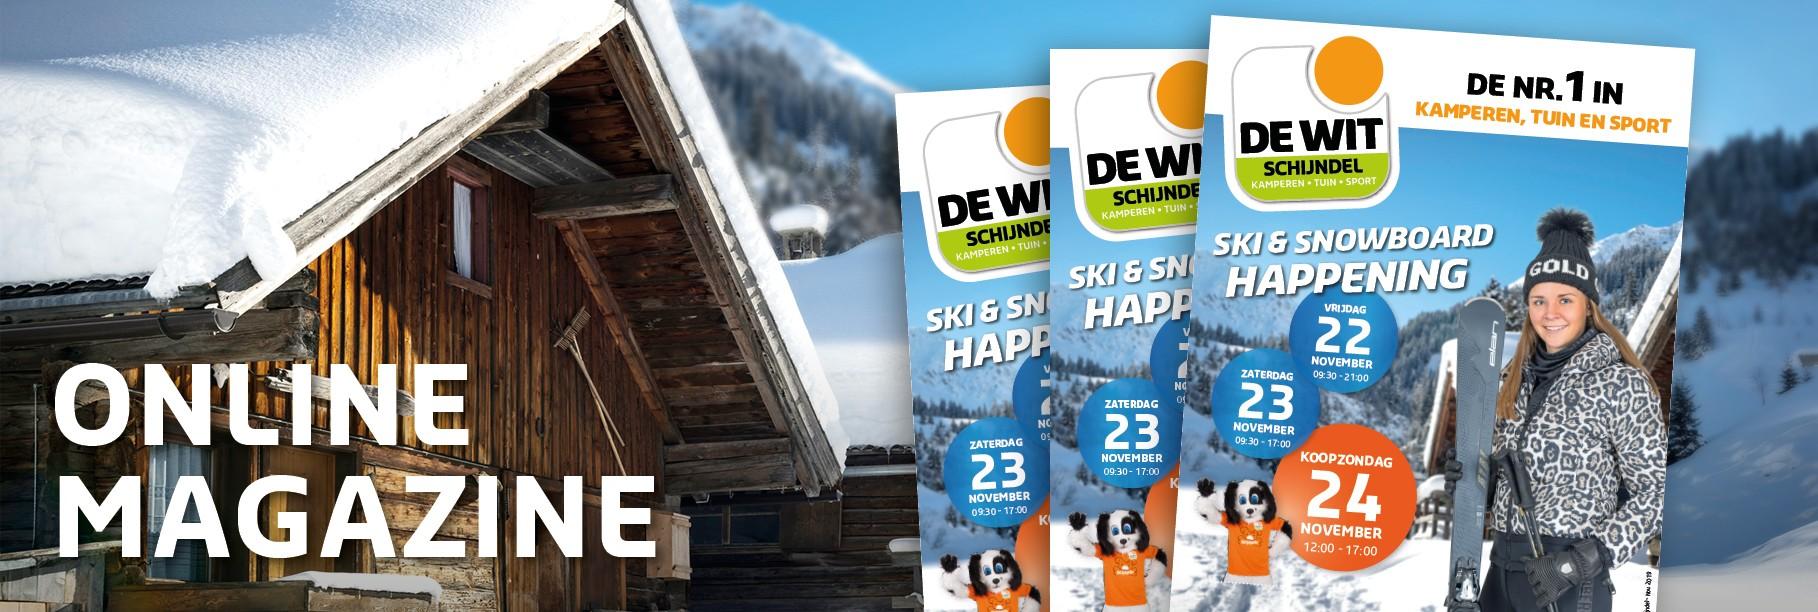 Gezien in ons online wintermagazine